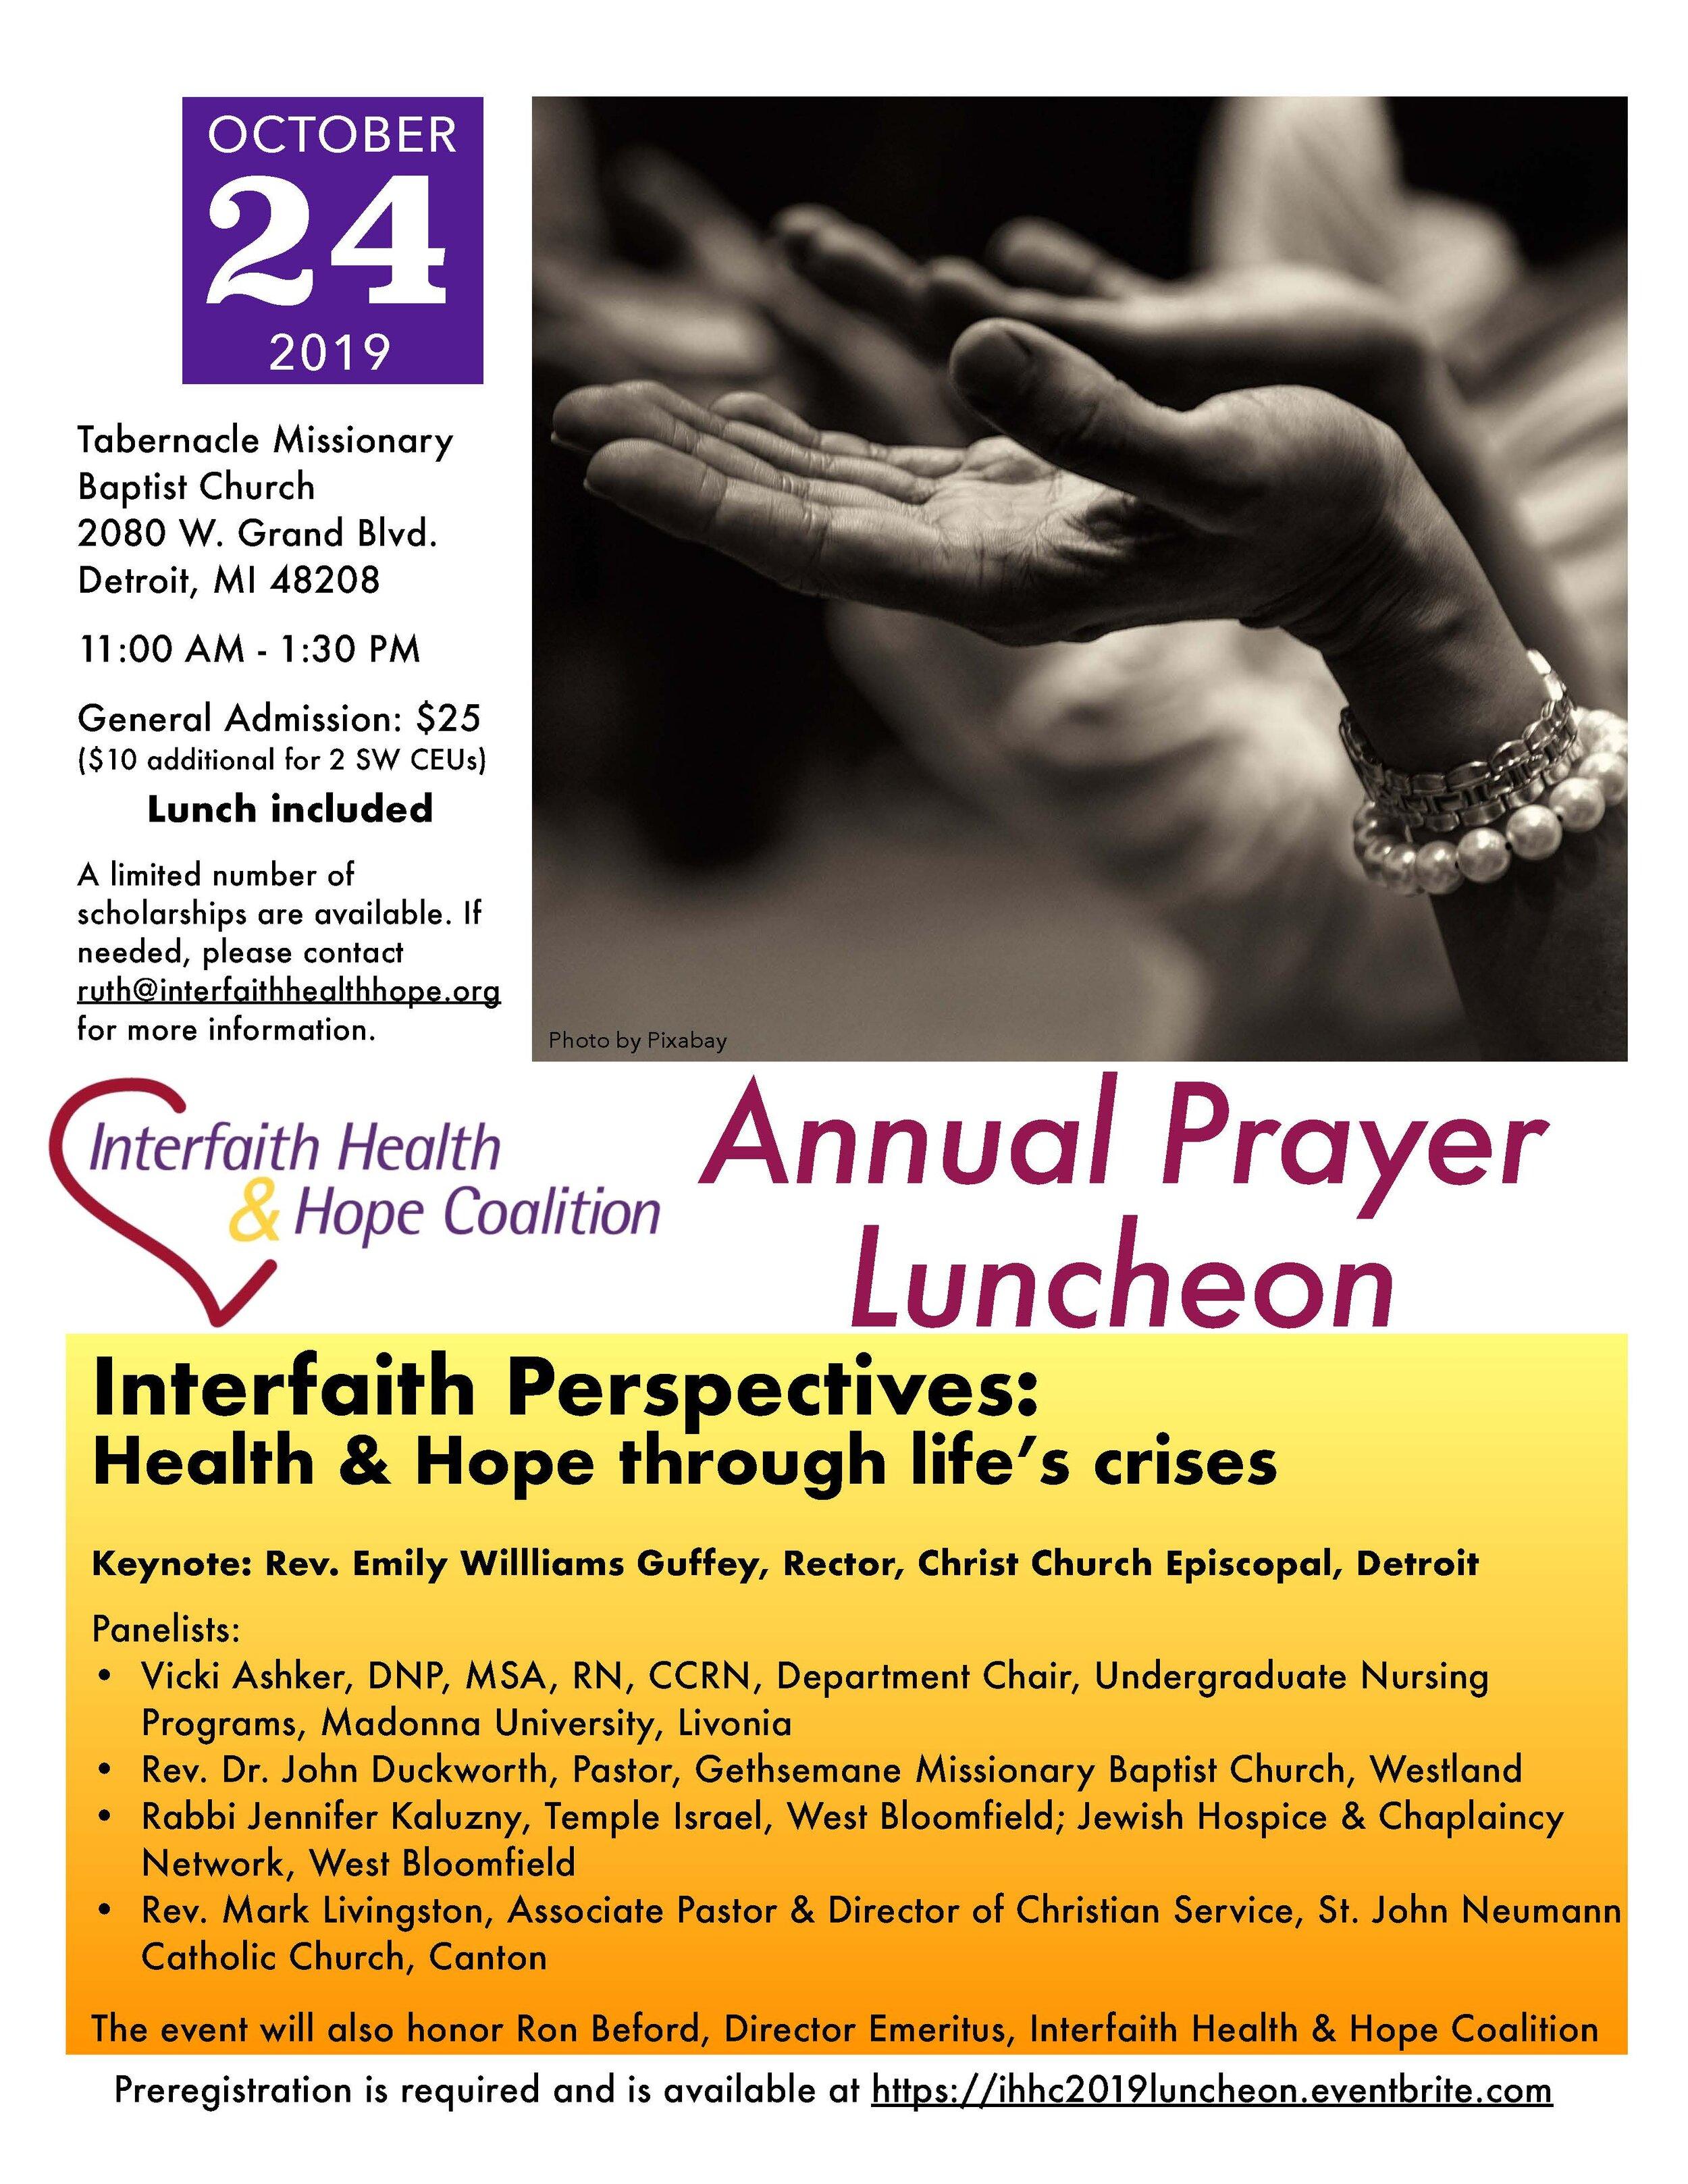 ihhc-2019-luncheon-flier (002)_Page_1.jpg